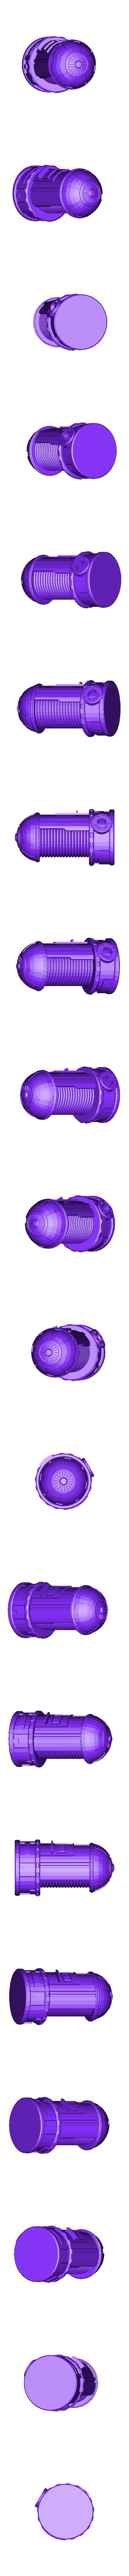 1 3D Impreso sarcófagos terreno W40k Warhammer-Spike